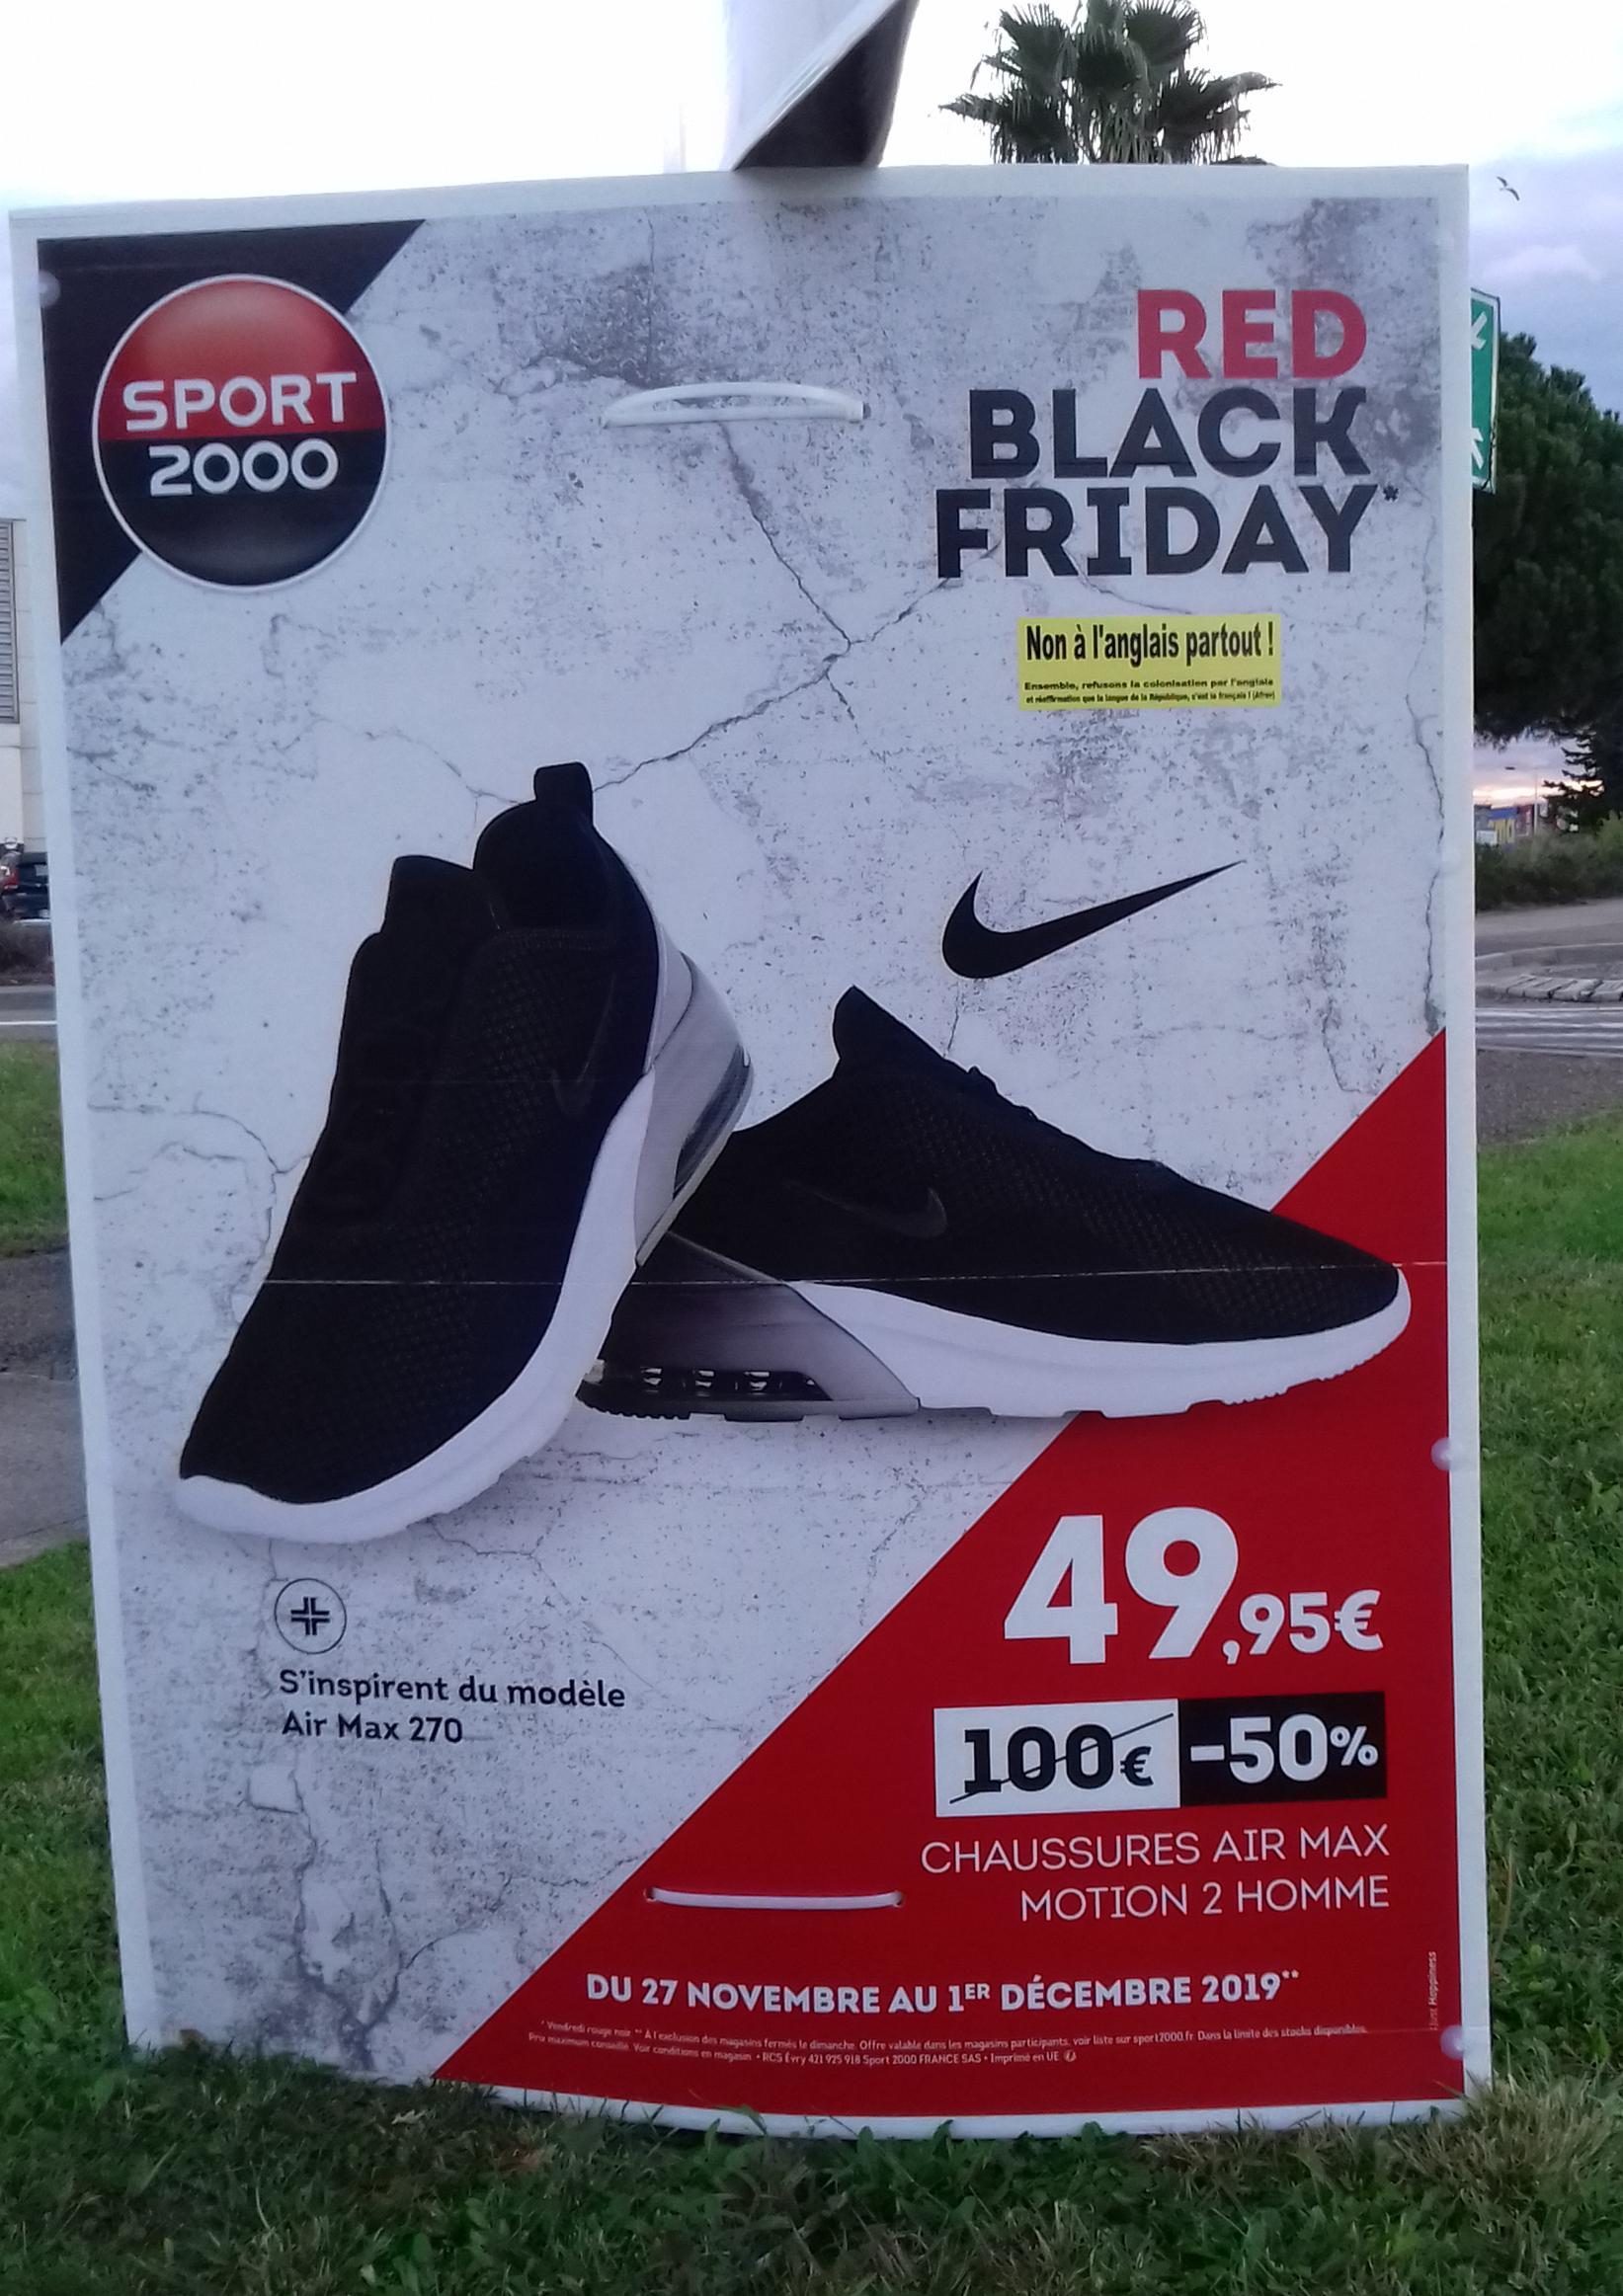 Sport 2000, chaussures air max